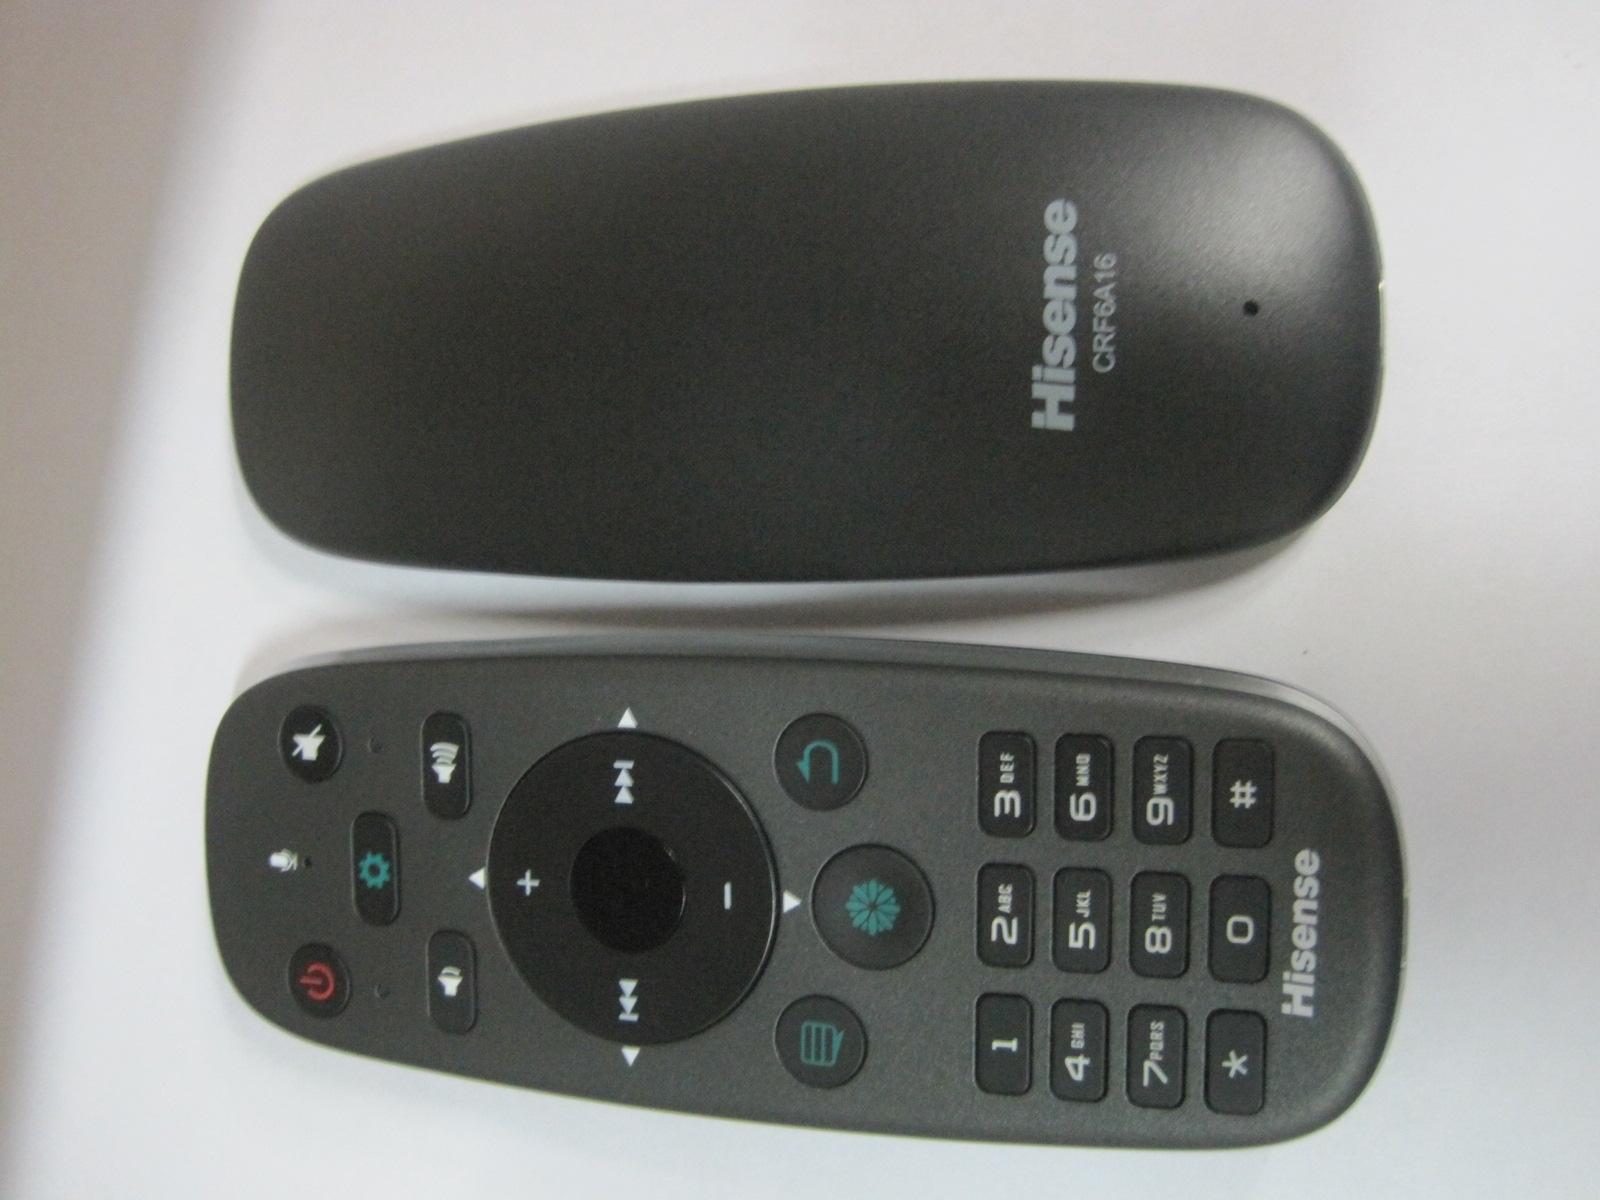 Универсальный пульт ДУ Hisense LED50EC660X3D CRF6A16 универсальный пульт ду hisense 100